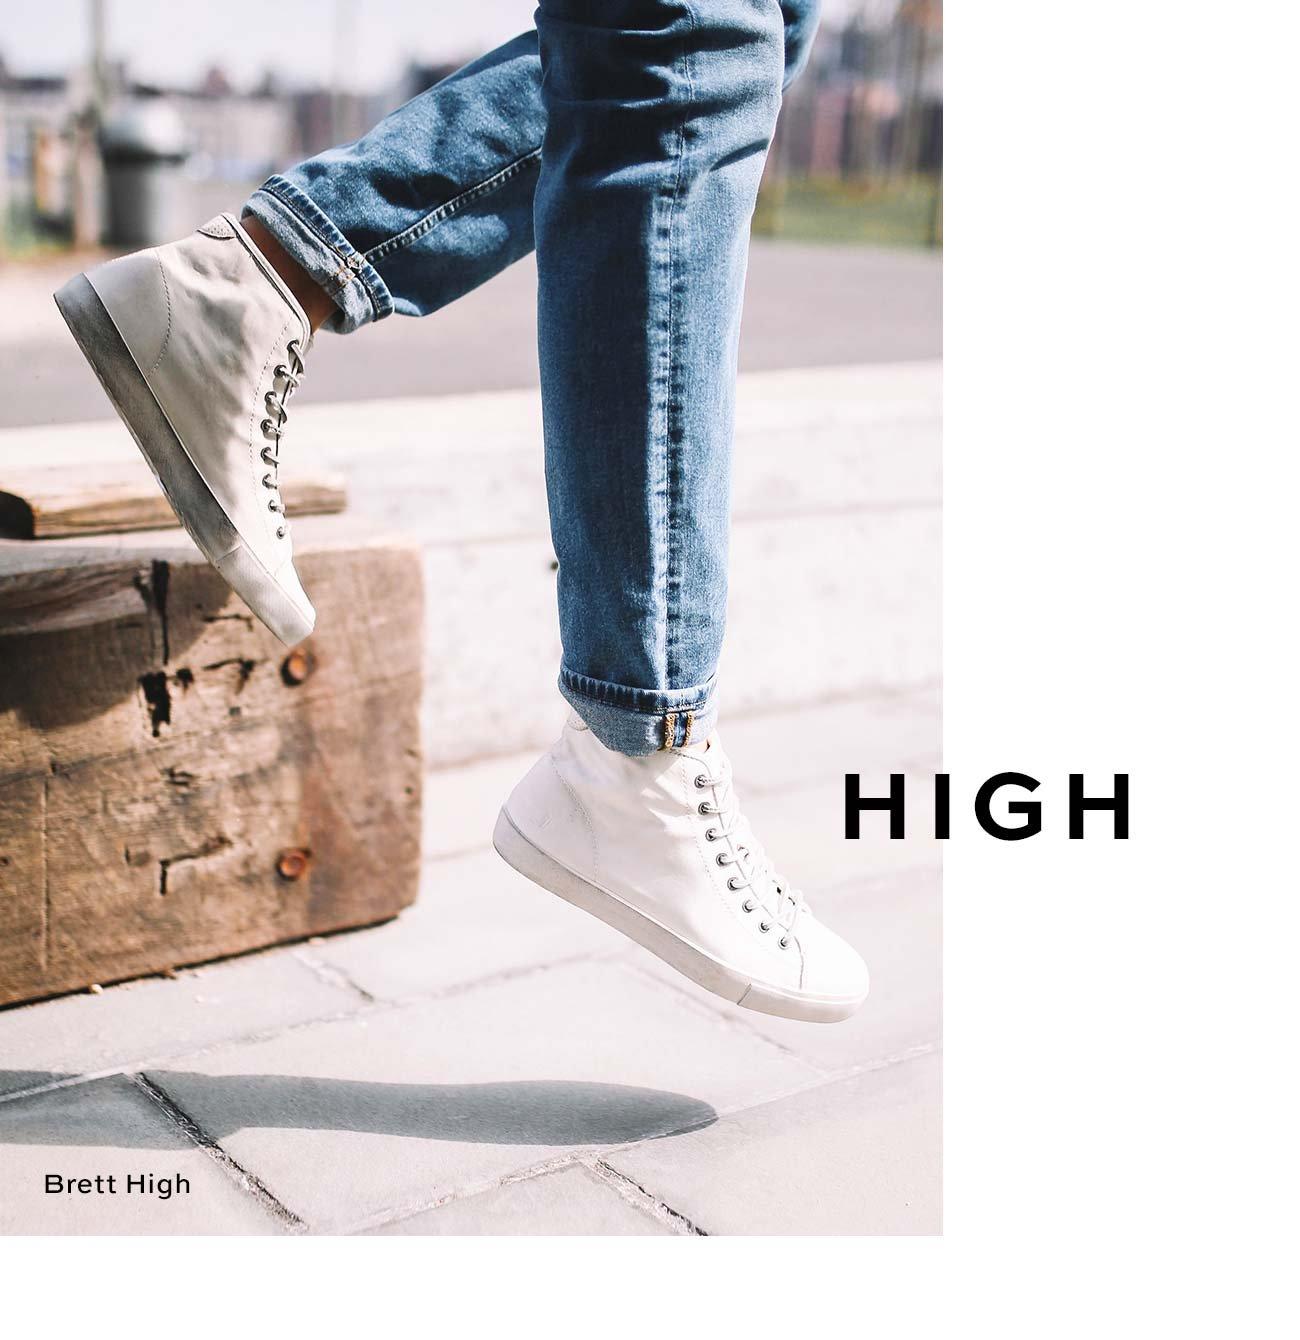 Brett High